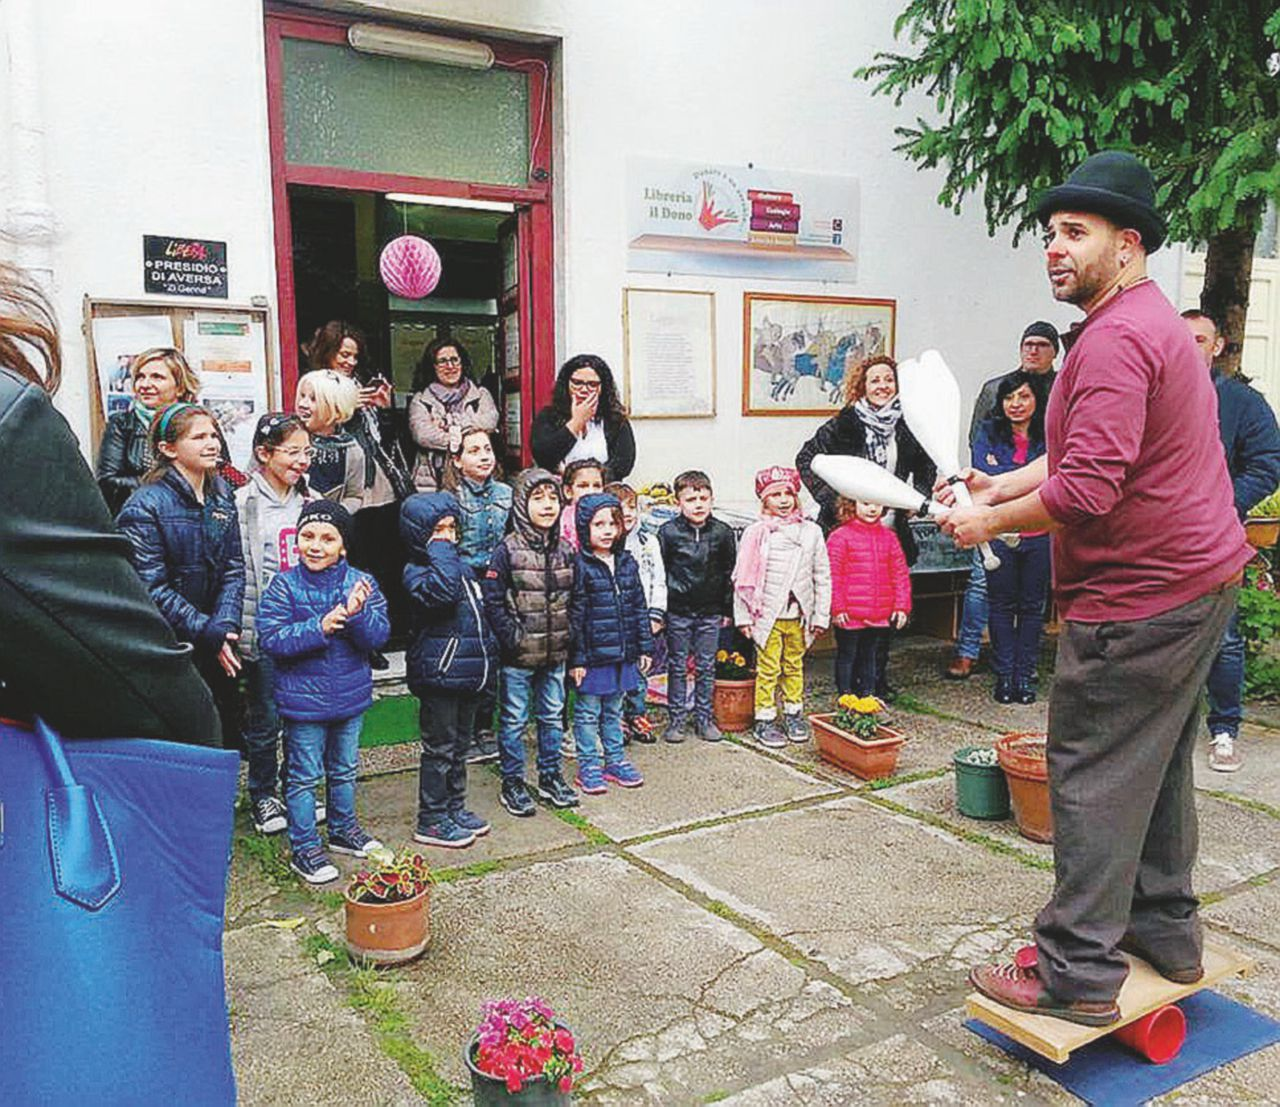 Il sindaco plurinquisito sfratta la libreria sociale